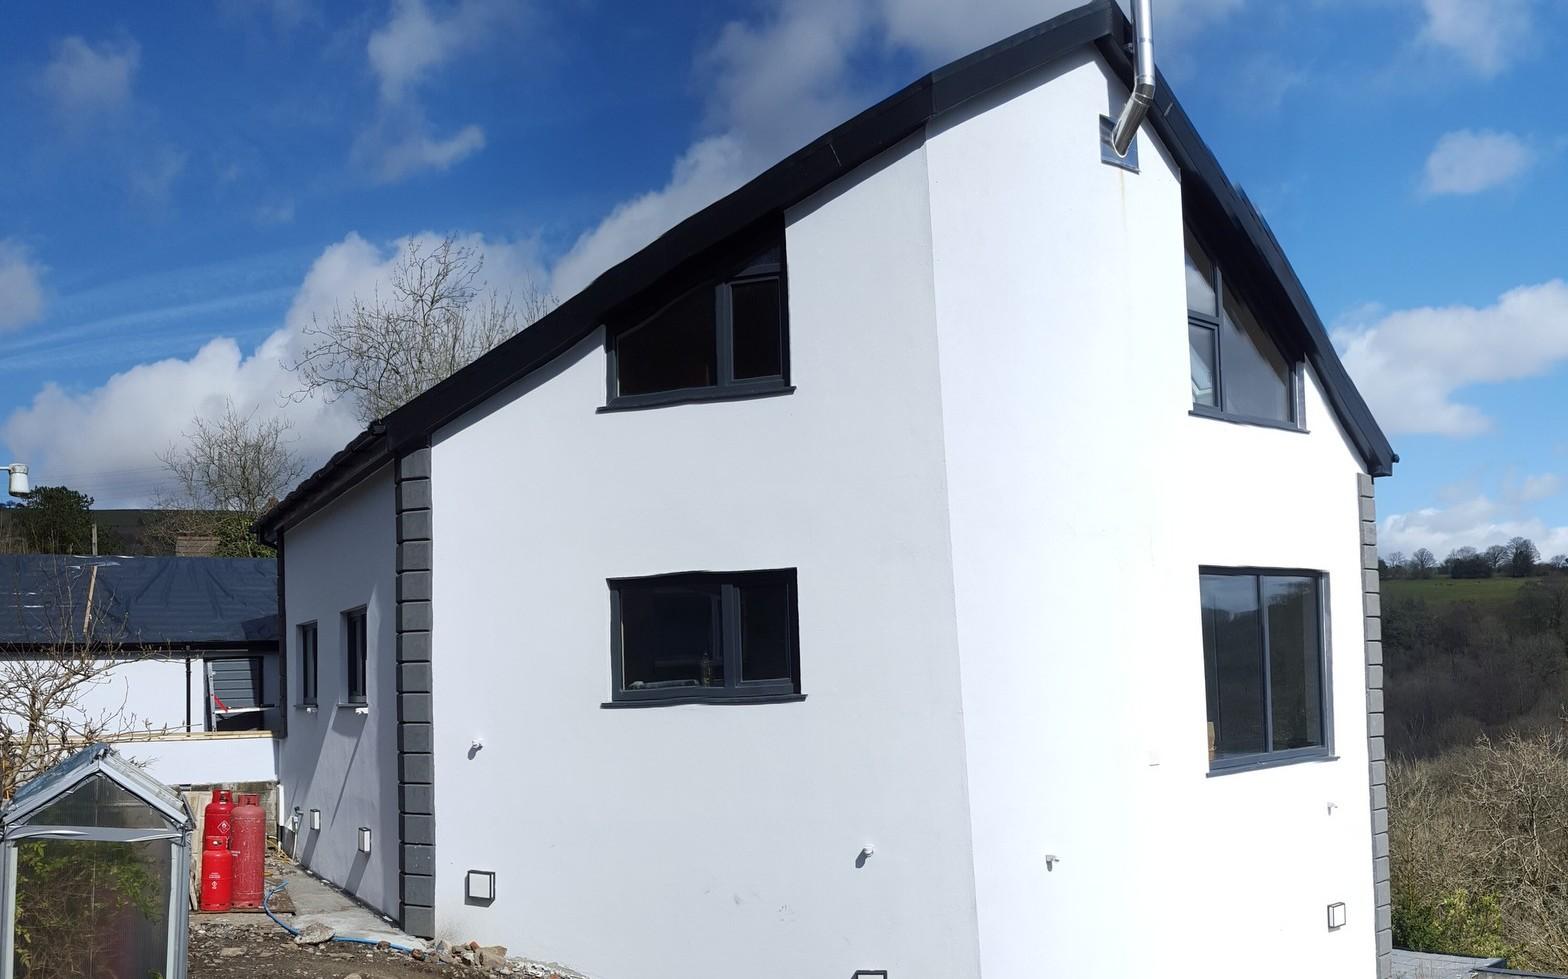 Heol Rhyd – 4-storey dwelling with basement